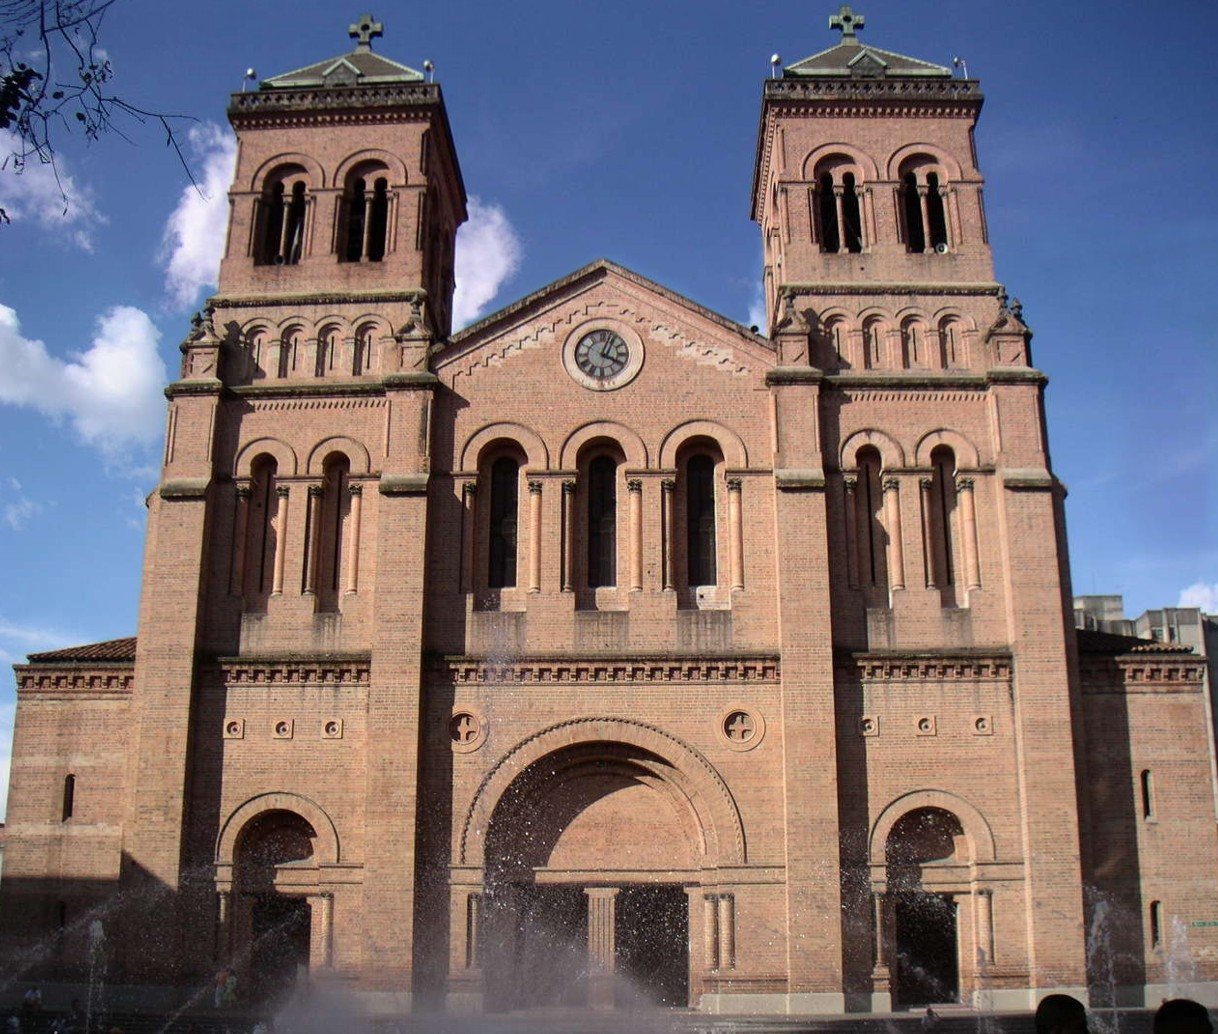 Catedral metropolitana de medell n wikipedia la for Sitios web de arquitectura